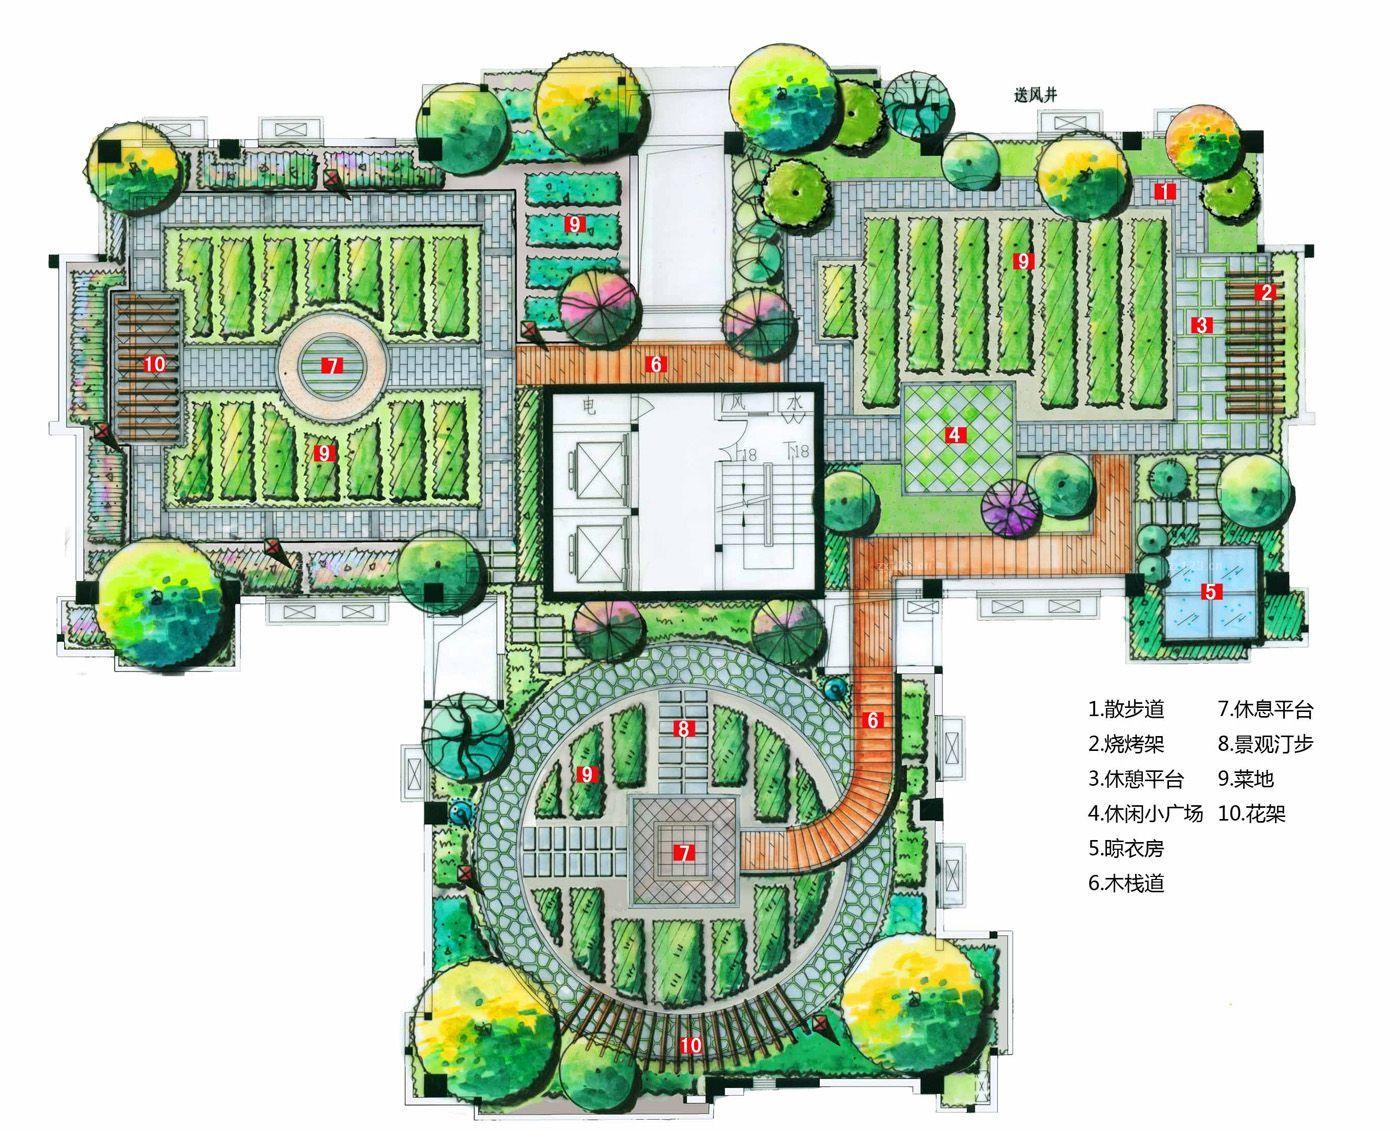 2015屋顶花园平面图片